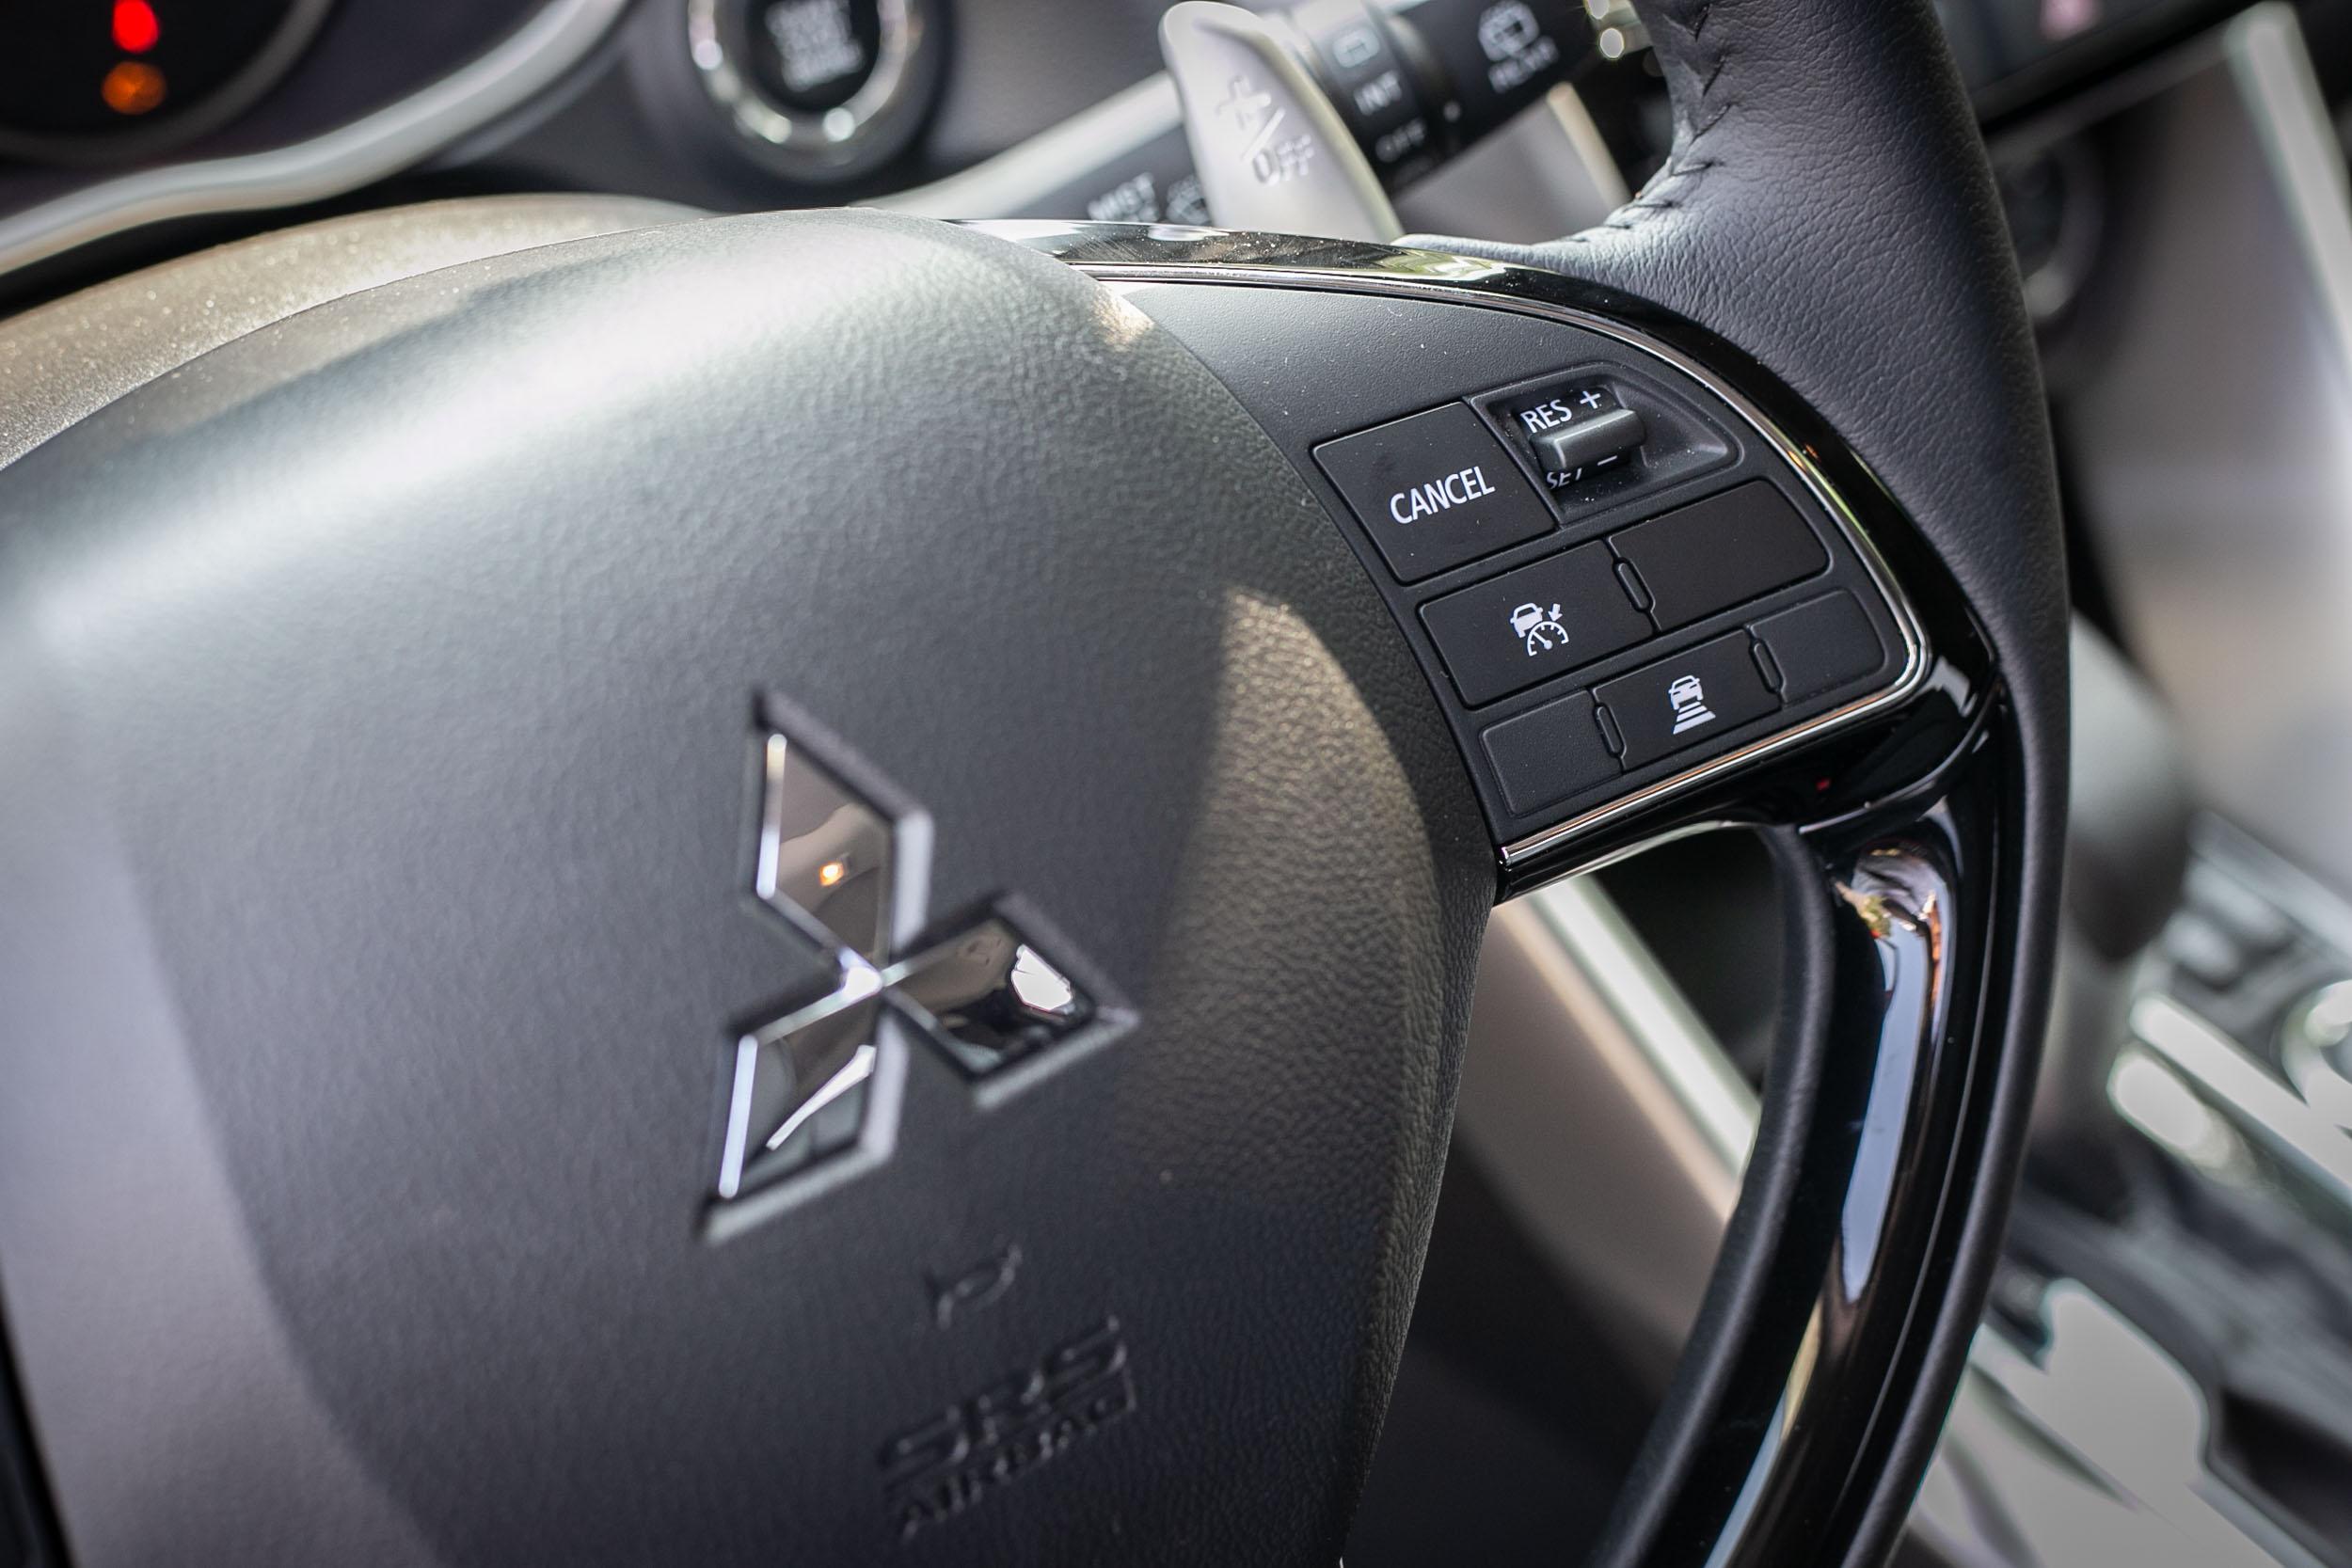 ACC 主動車距控制巡航系統操作介面設置於方向盤右側。